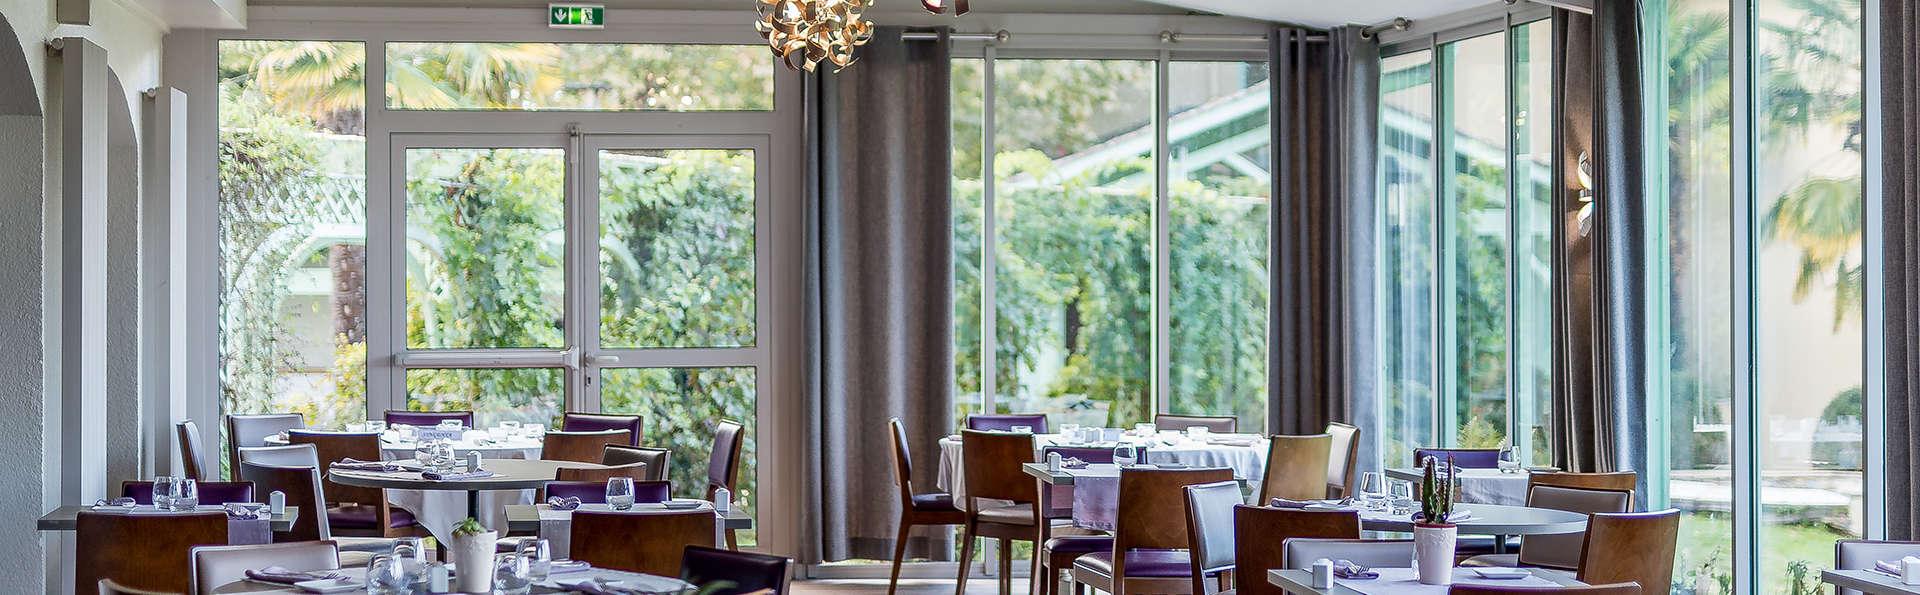 Séjour gourmand et de charme à la lisière des vignobles de Sauternes et des Graves